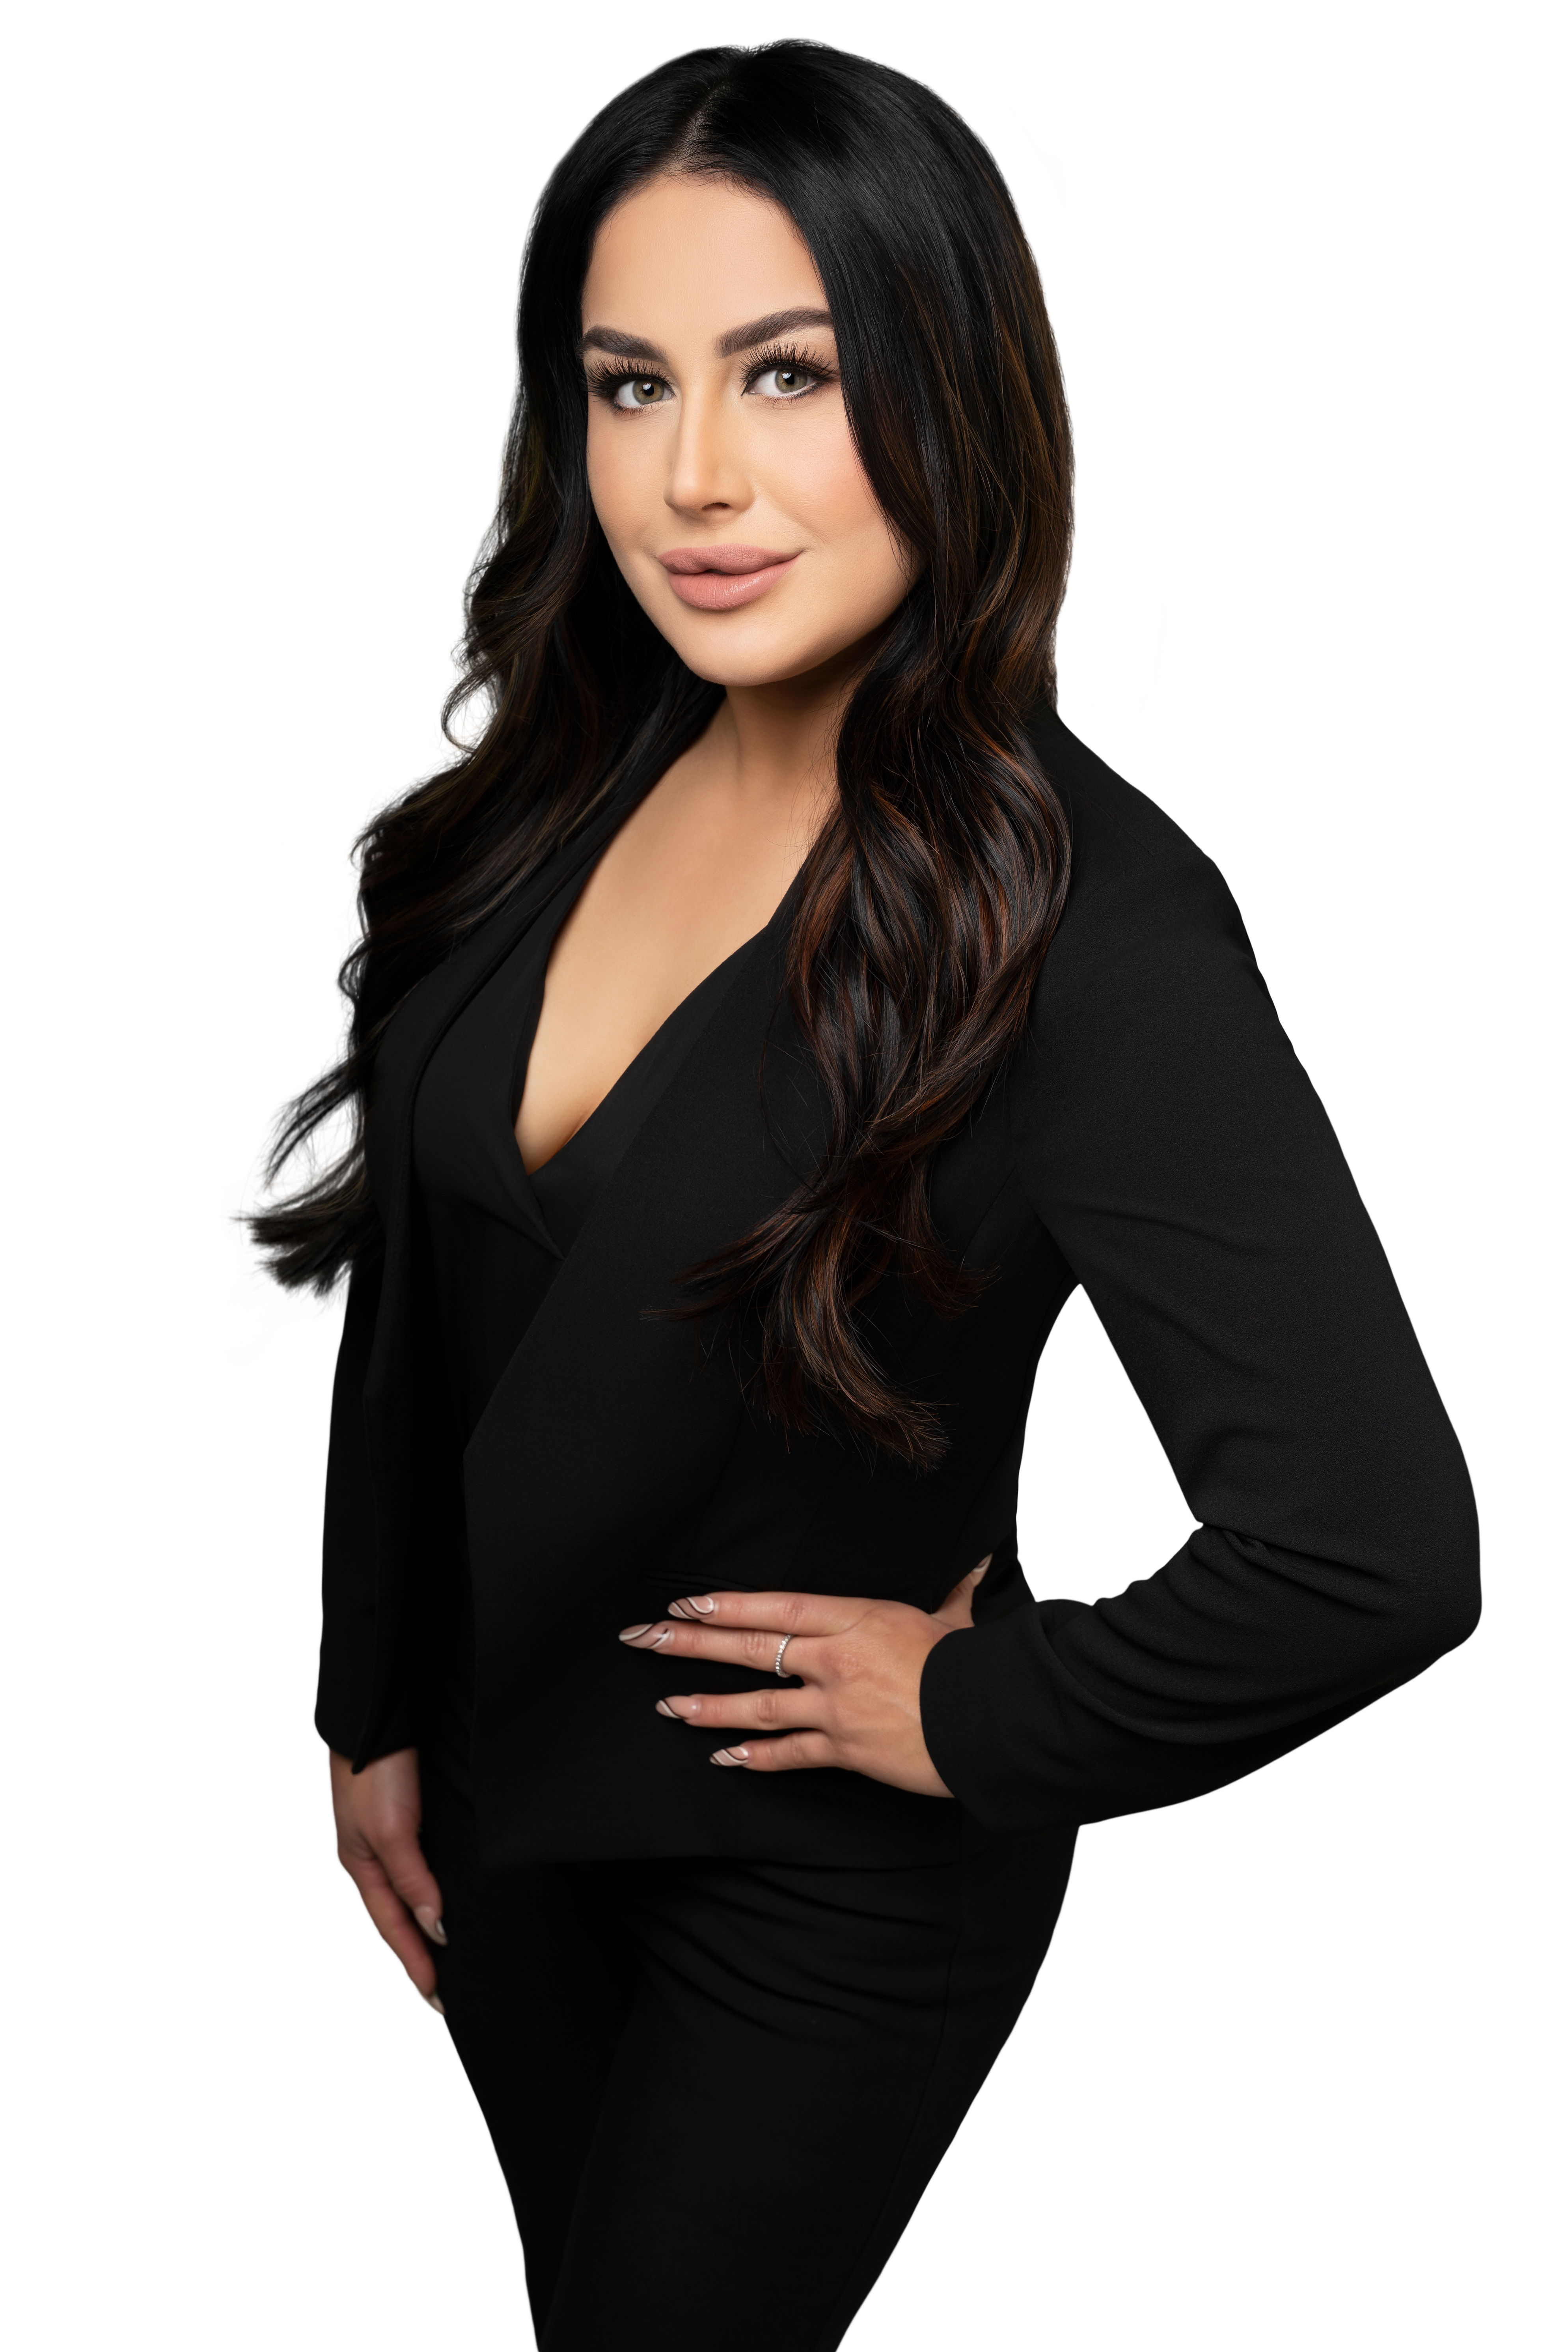 Michelle Del Muro